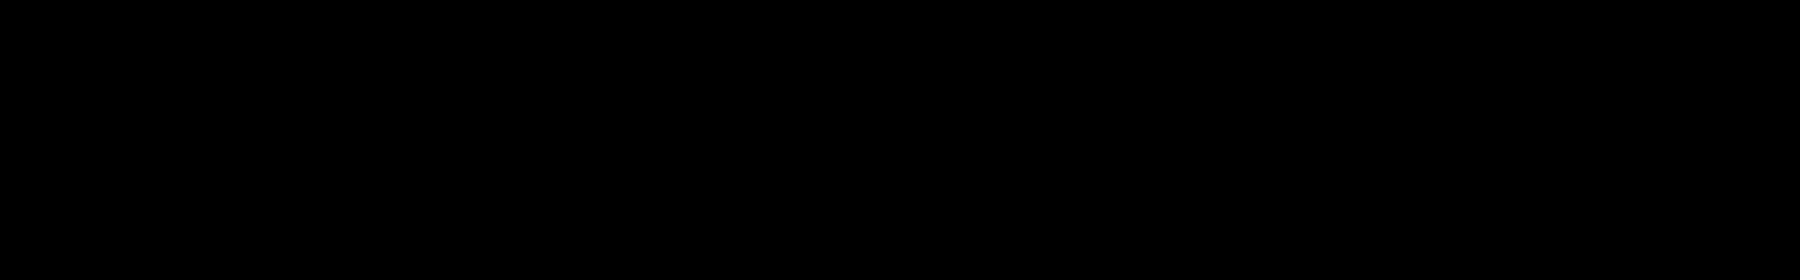 Dune3 Trance Family Soundset audio waveform